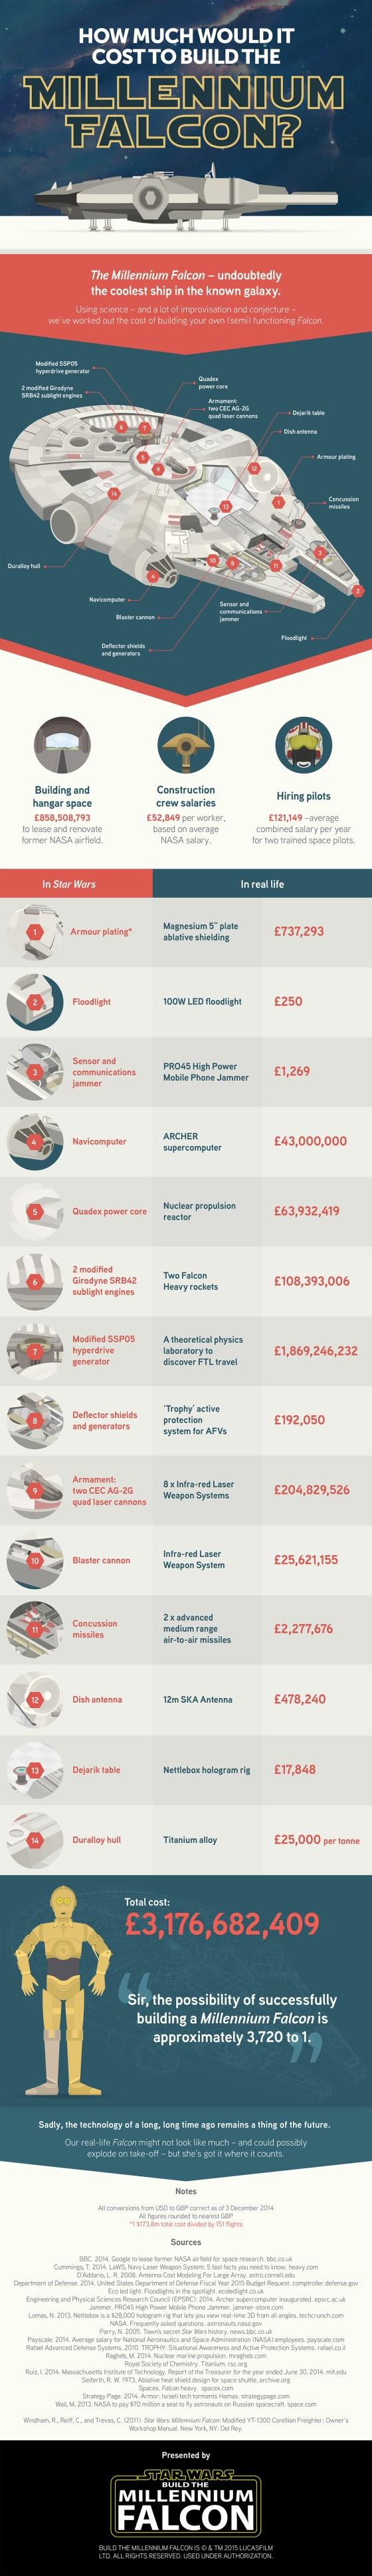 Cuánto costaría construir el Halcón Milenario